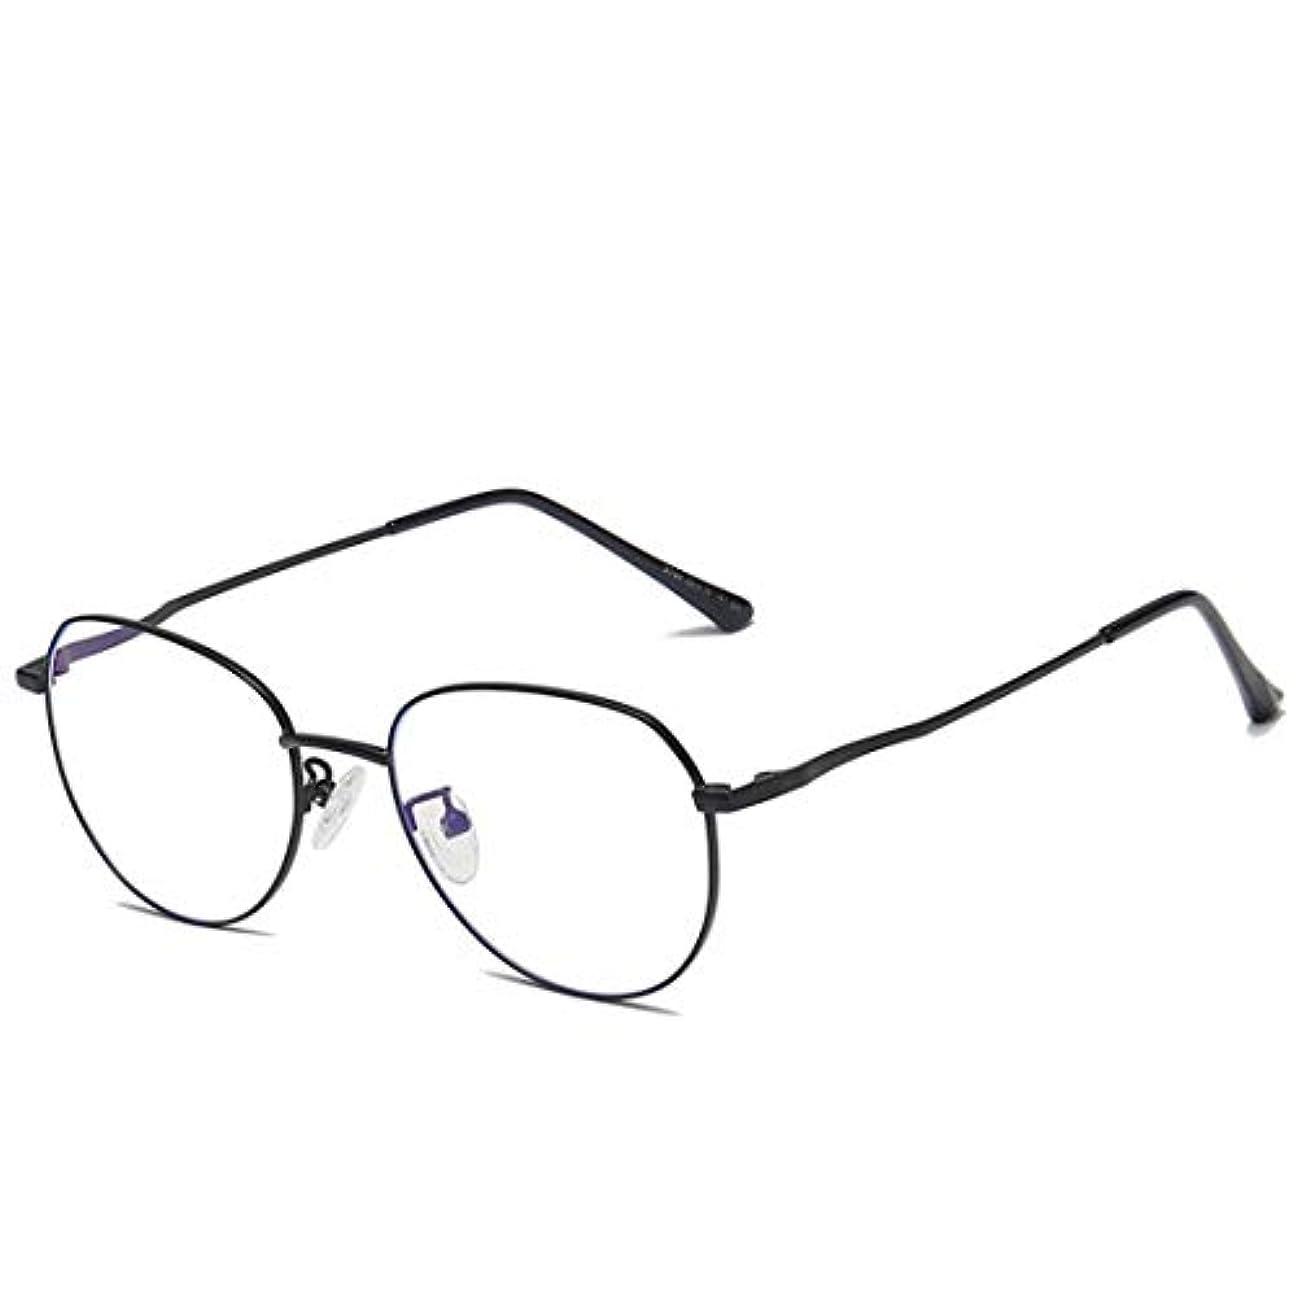 明らかにする気味の悪い聖職者Summerys 女性の男性のためのラウンドフレームメタルアンチブルーメガネブルーライトブロッキングメガネ (Color : Black)